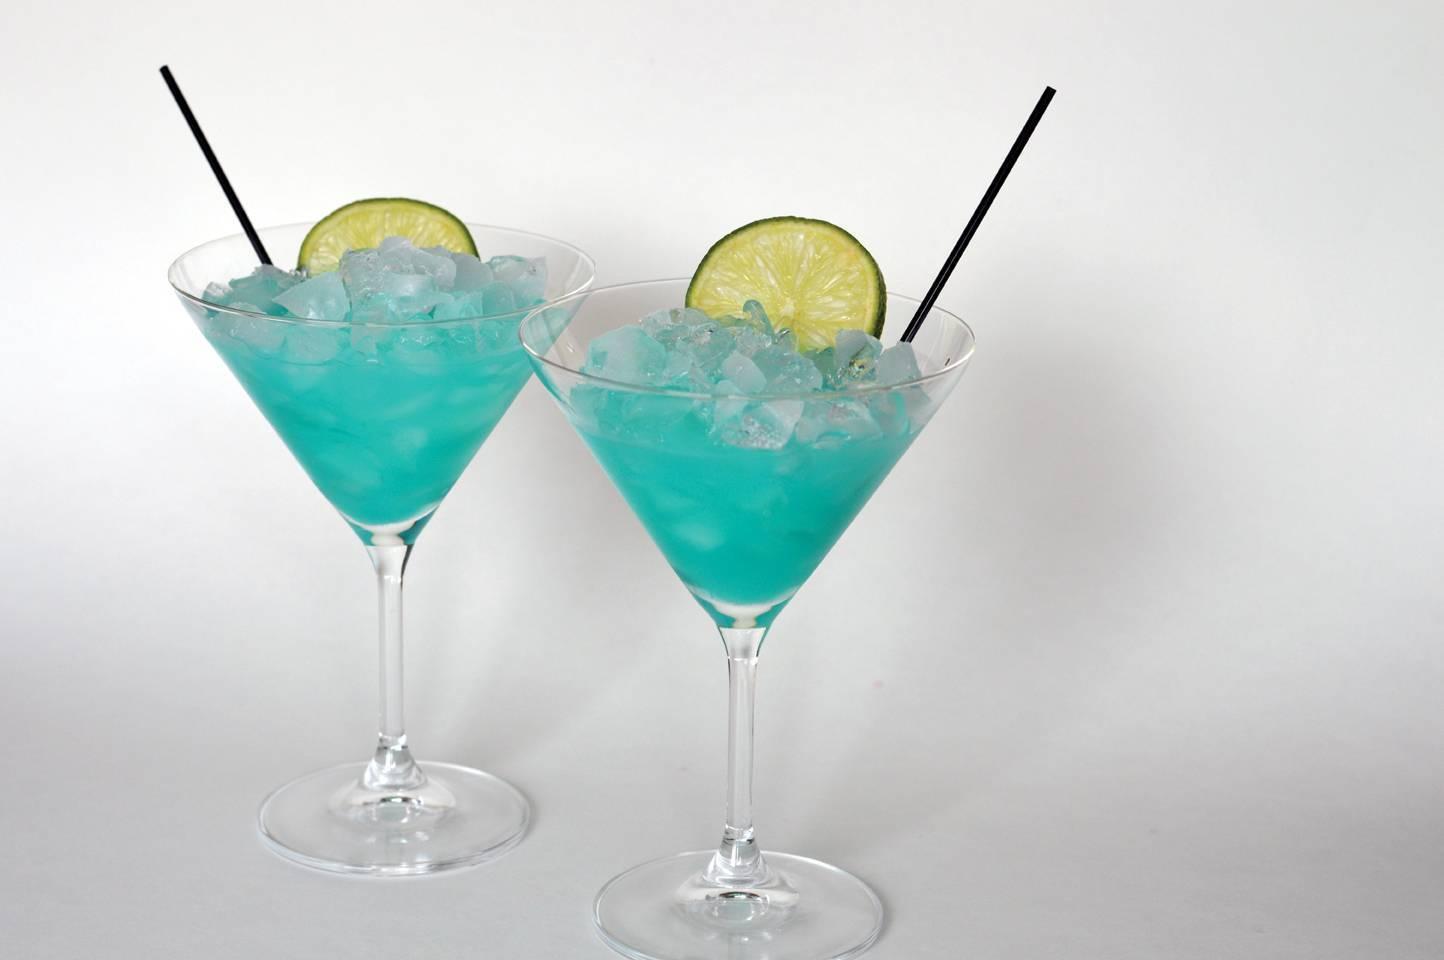 Ликер блю кюрасао: из чего готовят, почему синий, коктейли с ним